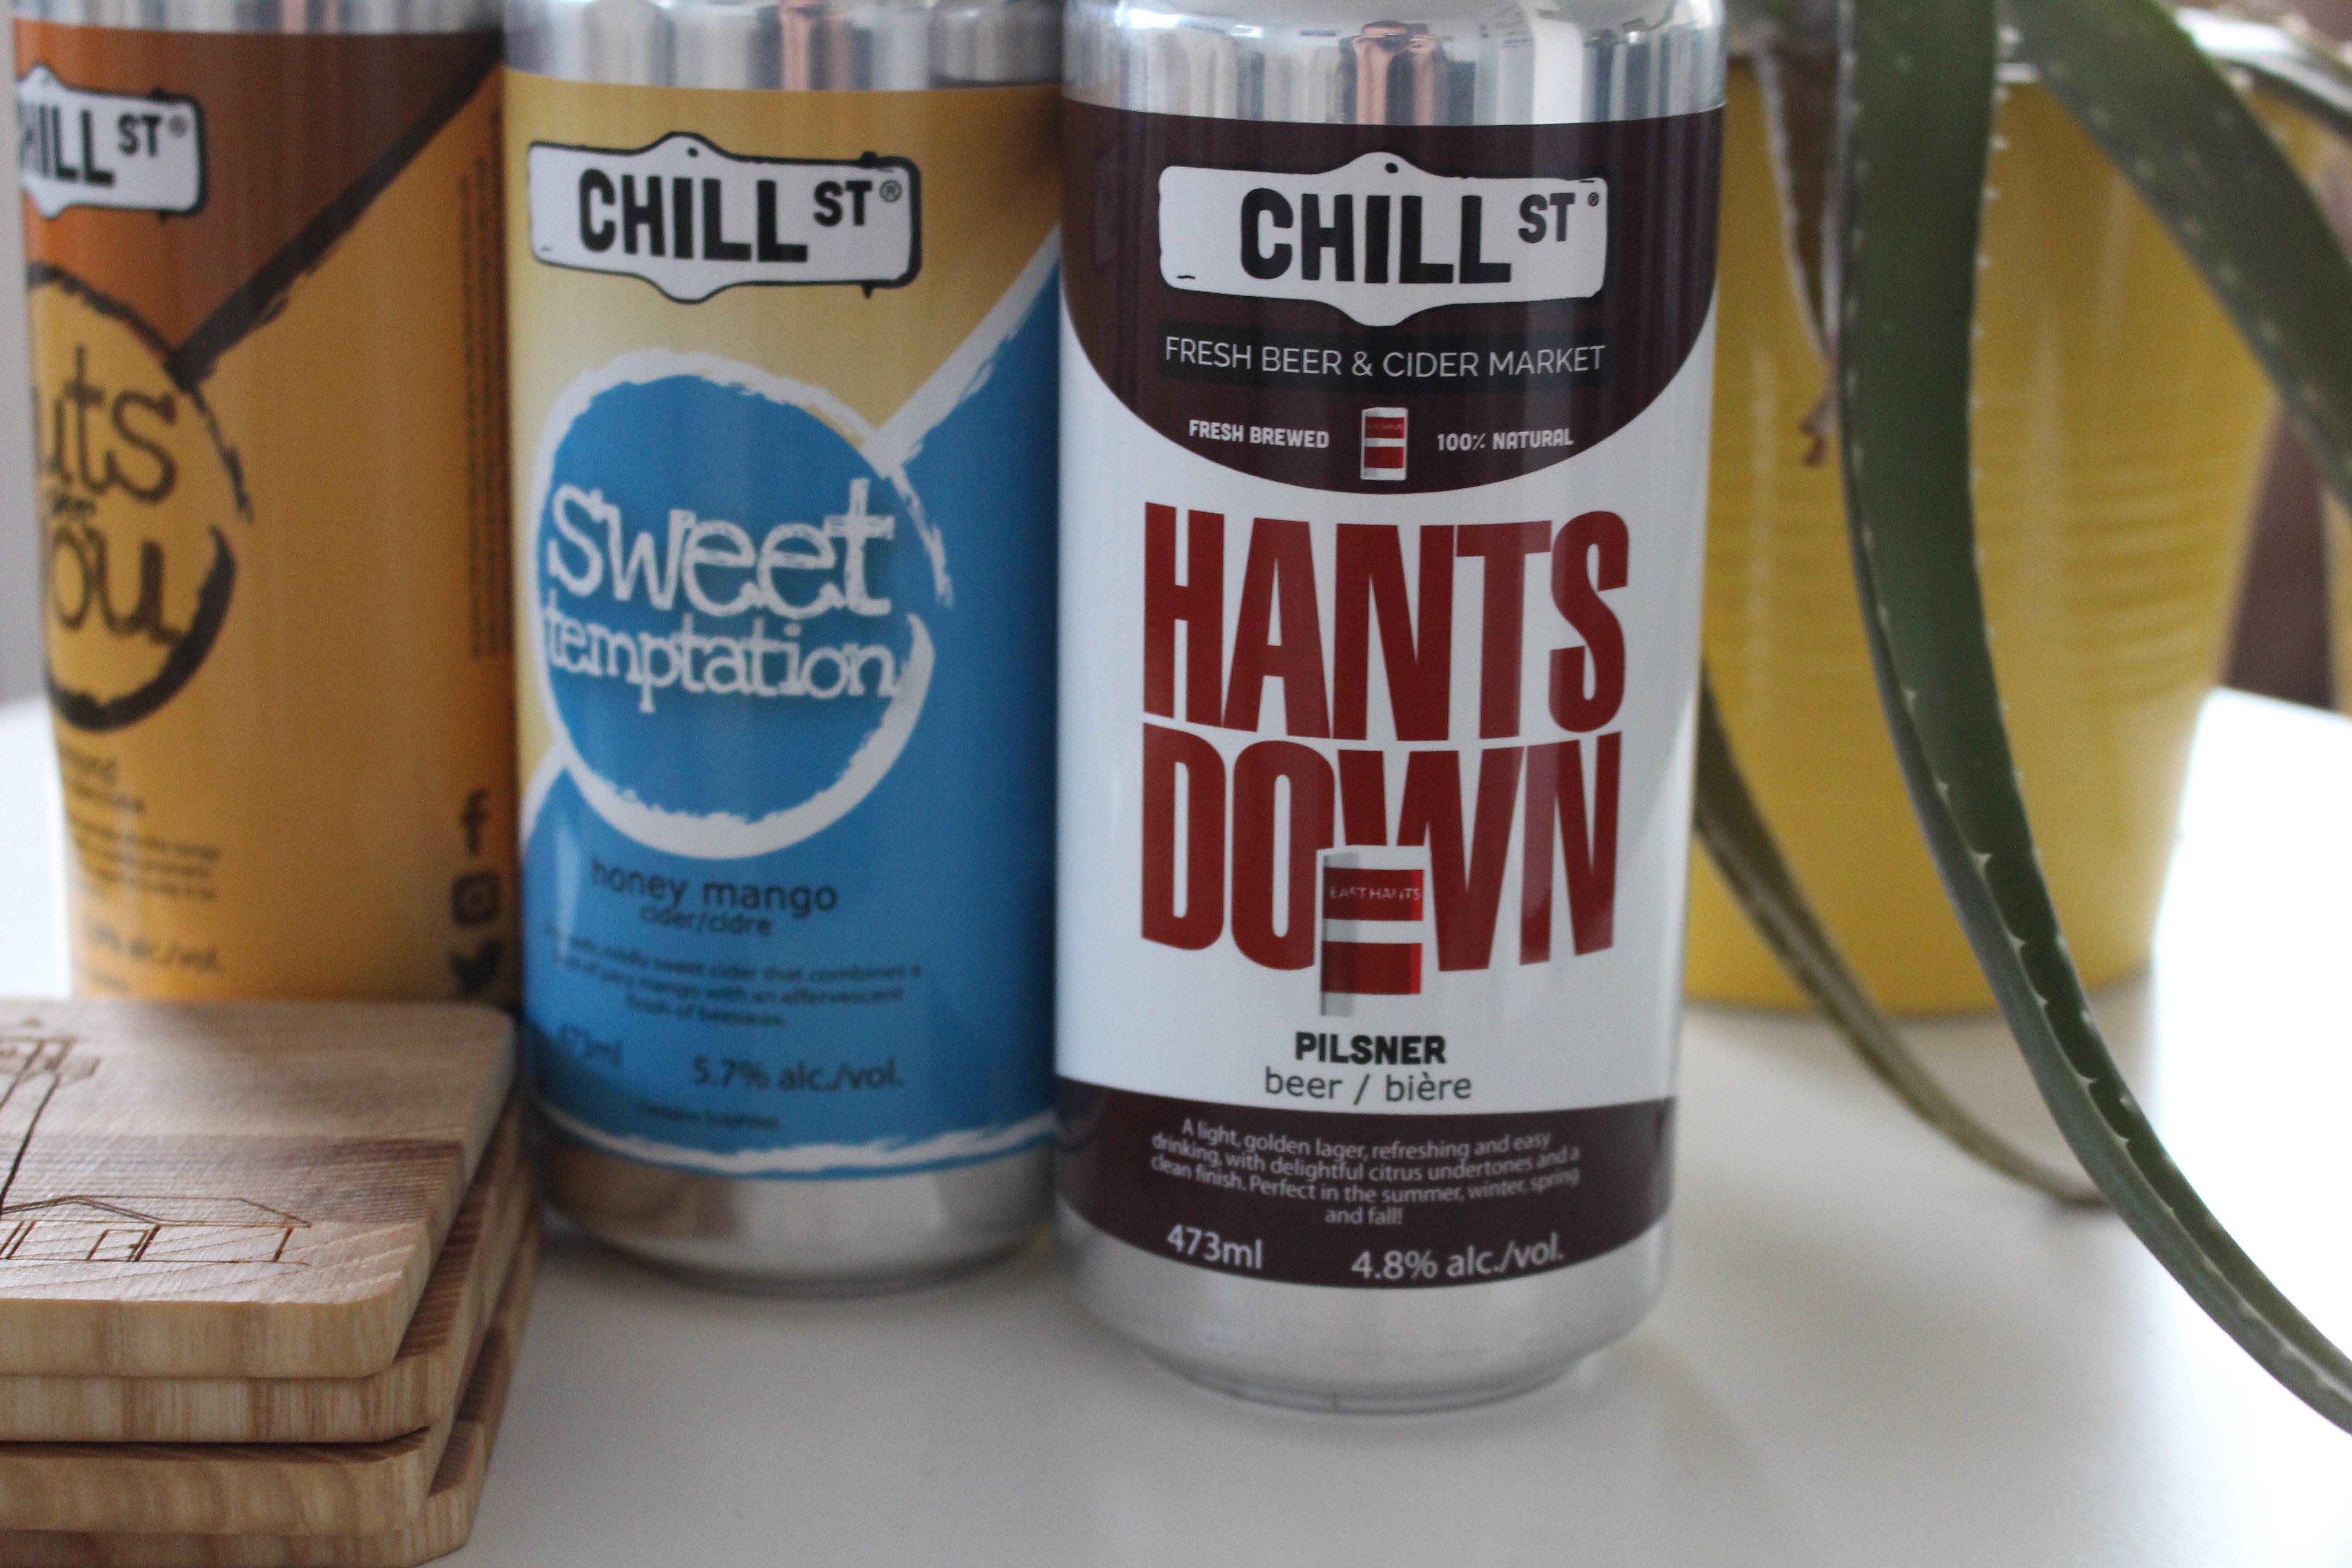 Chill Street Beer Market